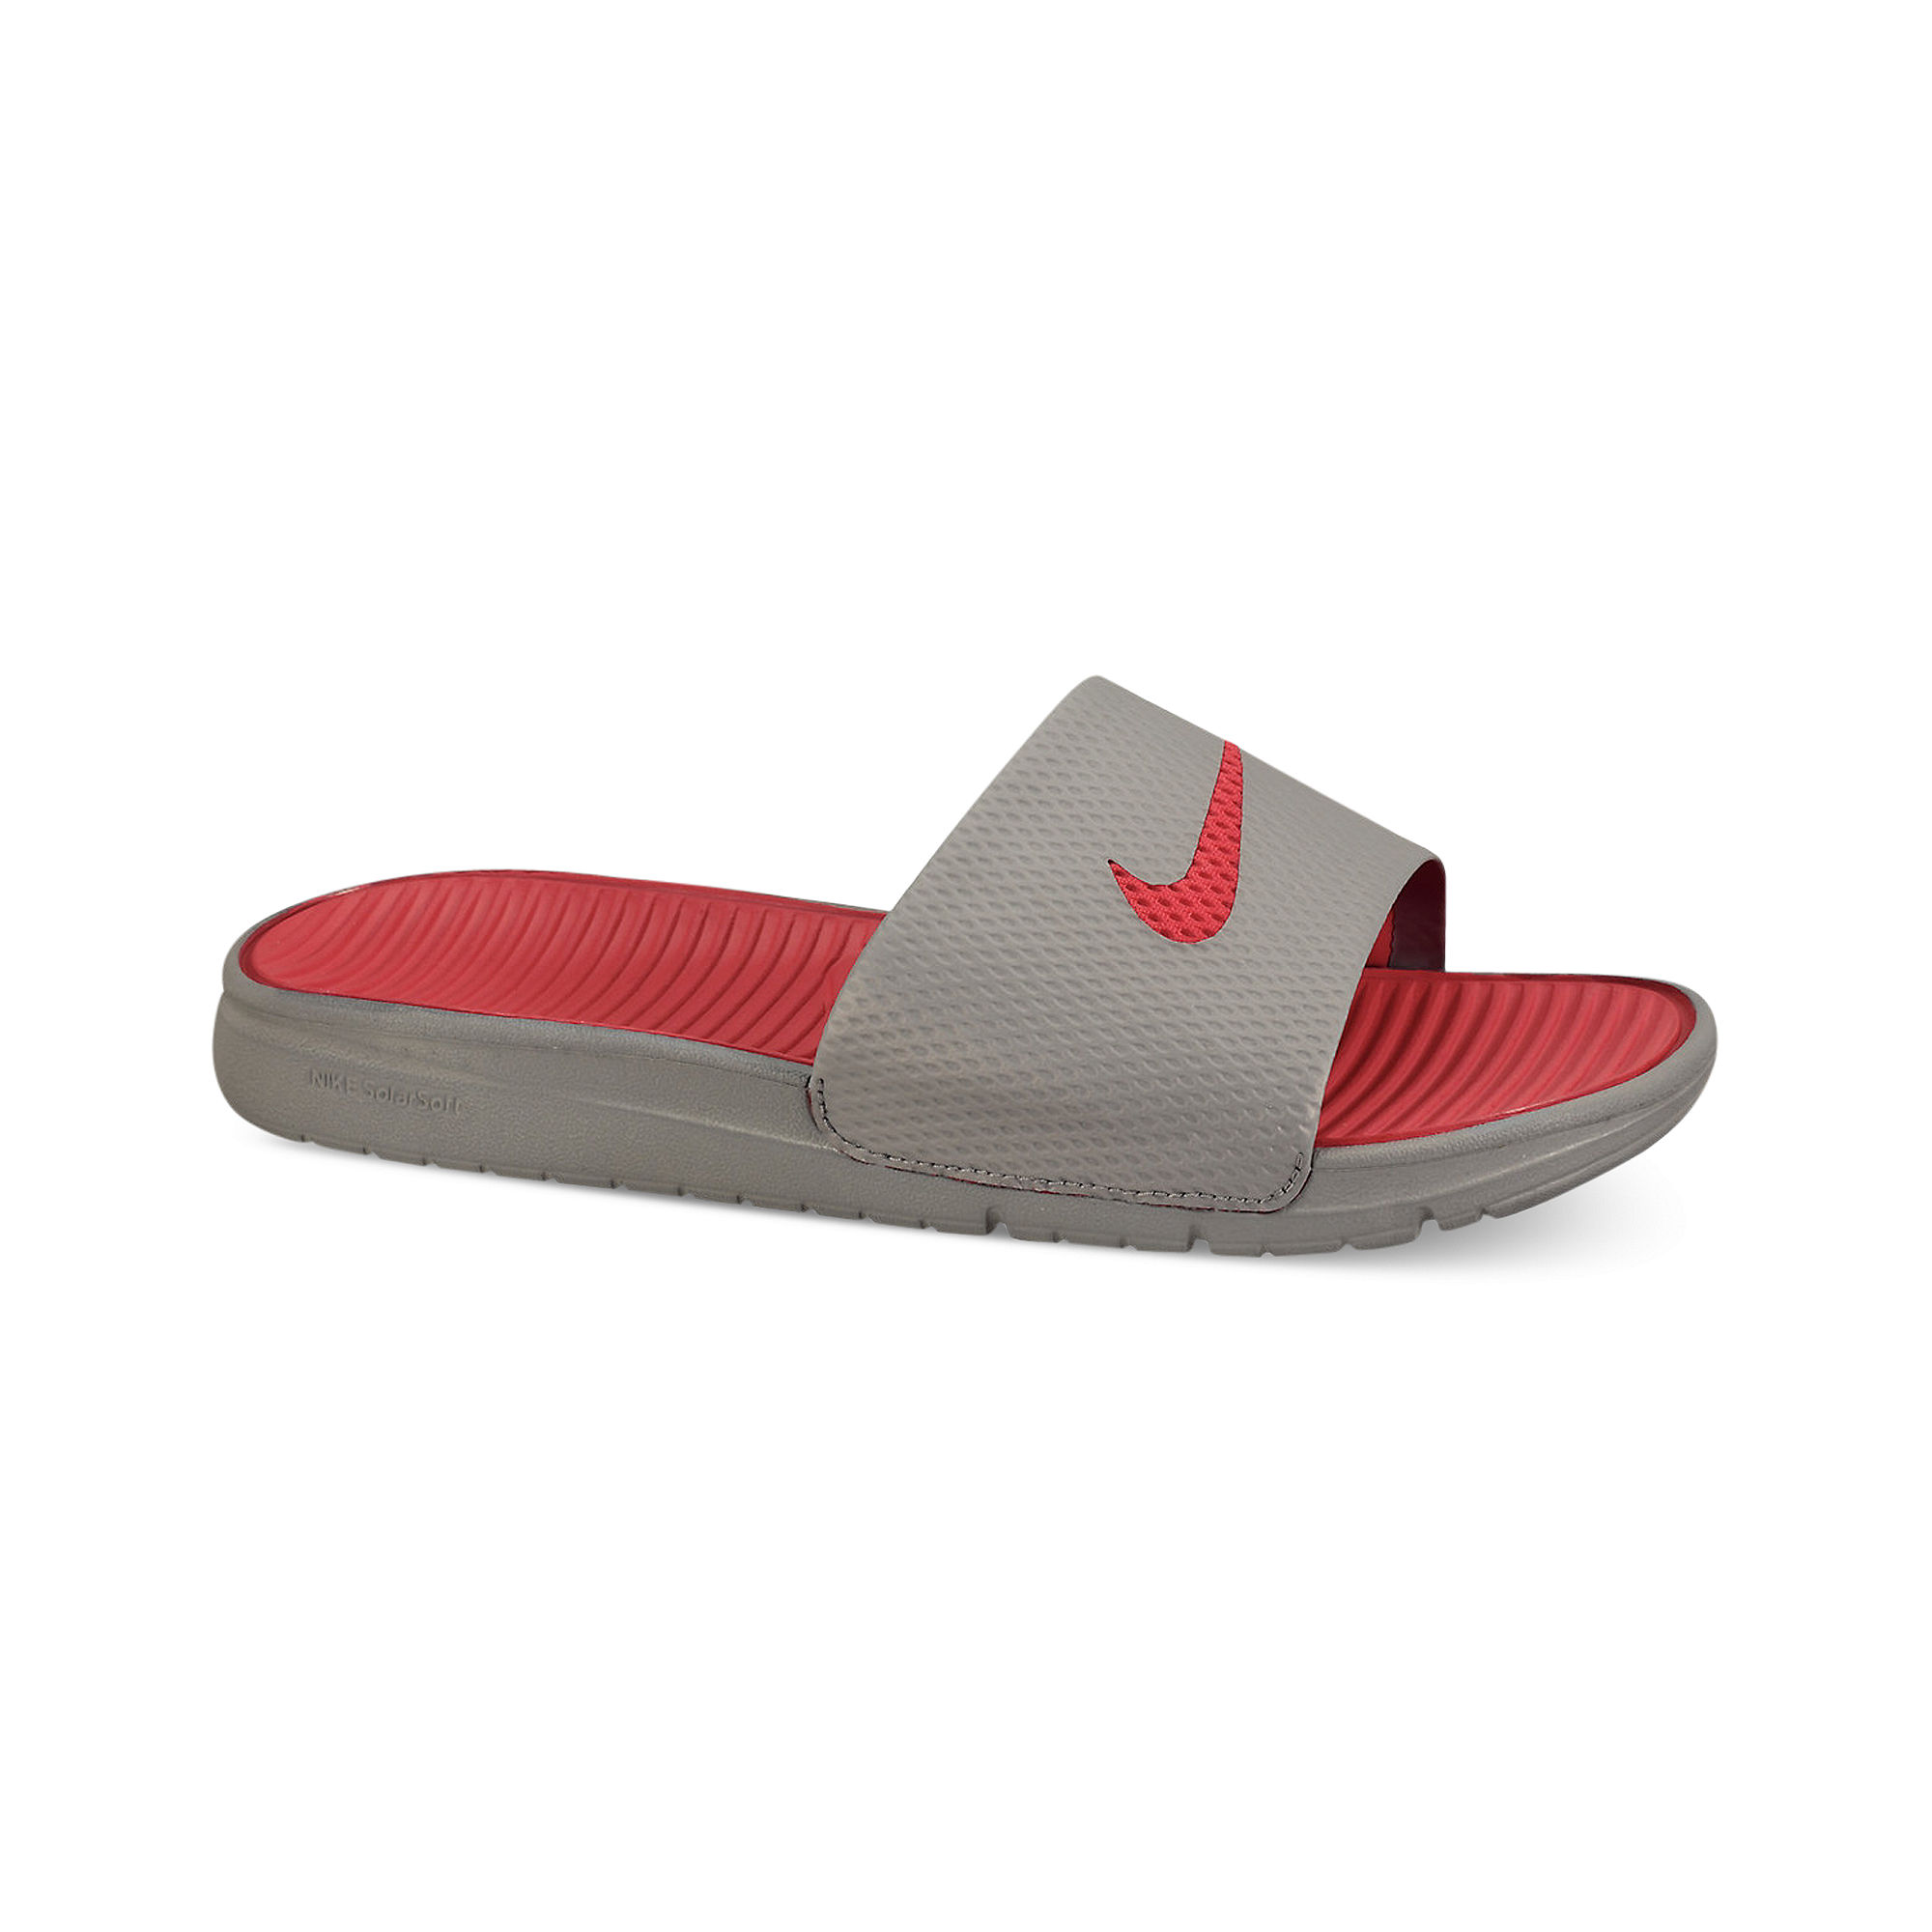 170d536a2 Lyst - Nike Benassi Solarsoft Slides in Gray for Men